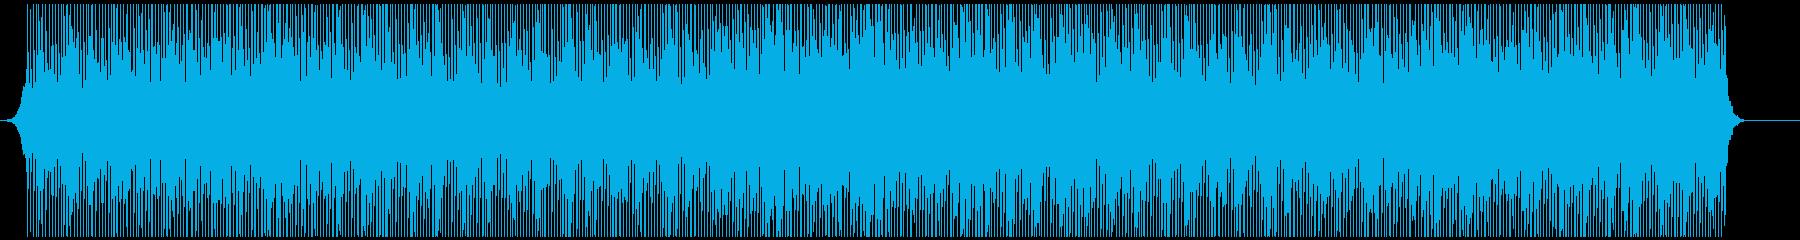 穏やかだがポジティブの再生済みの波形